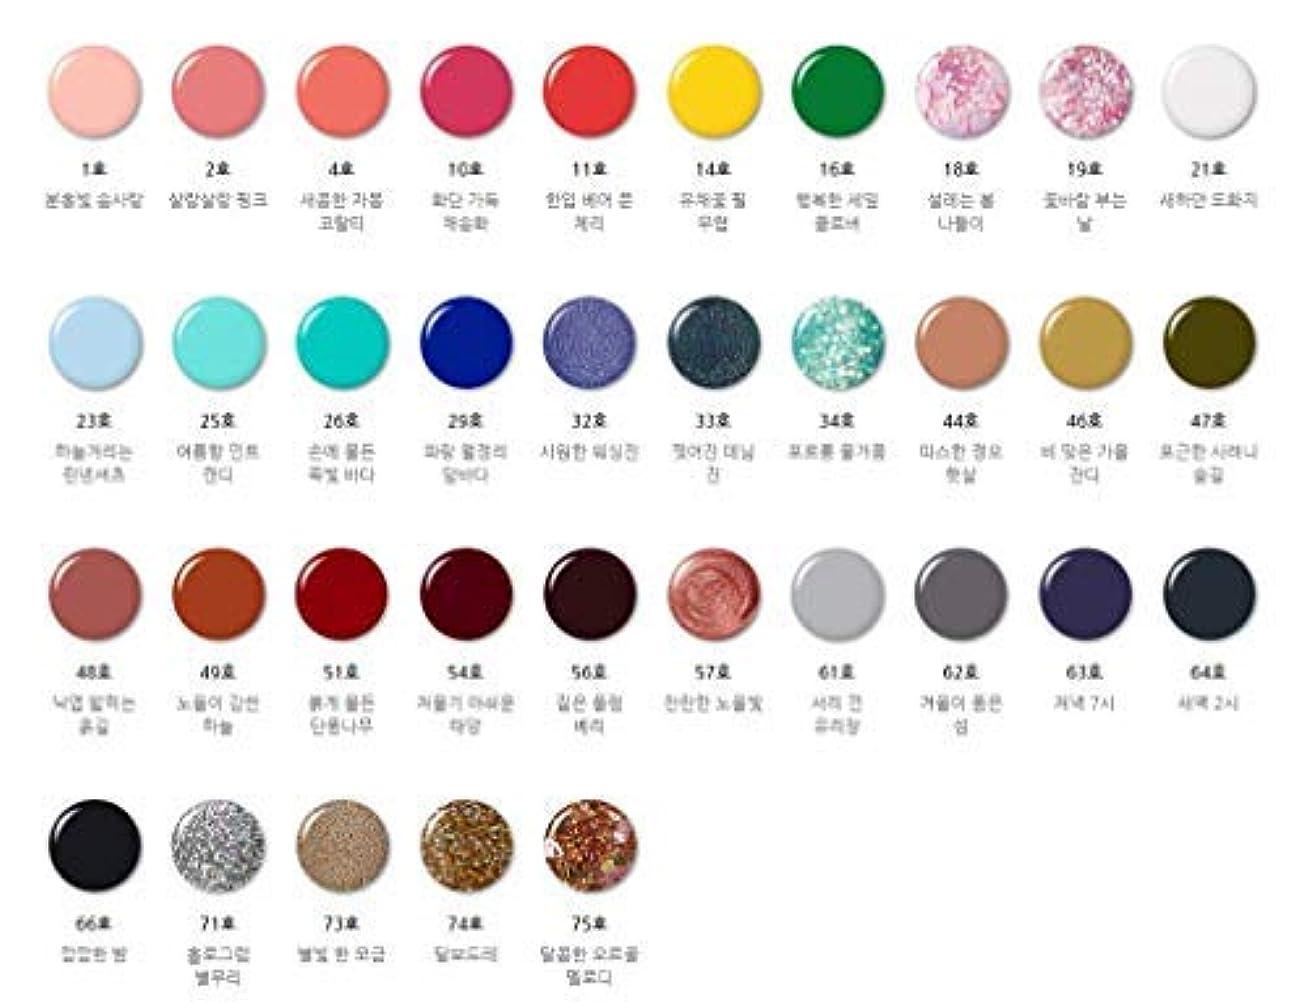 マティス漂流キリン[イニスフリー.innisfree]リアルカラーネイル6mL(2019 new)/ Real Color Nail_美しい自然からインスピレーションを受けた鮮やかなカラー感の高発色高光沢ネイルカラー (#56)